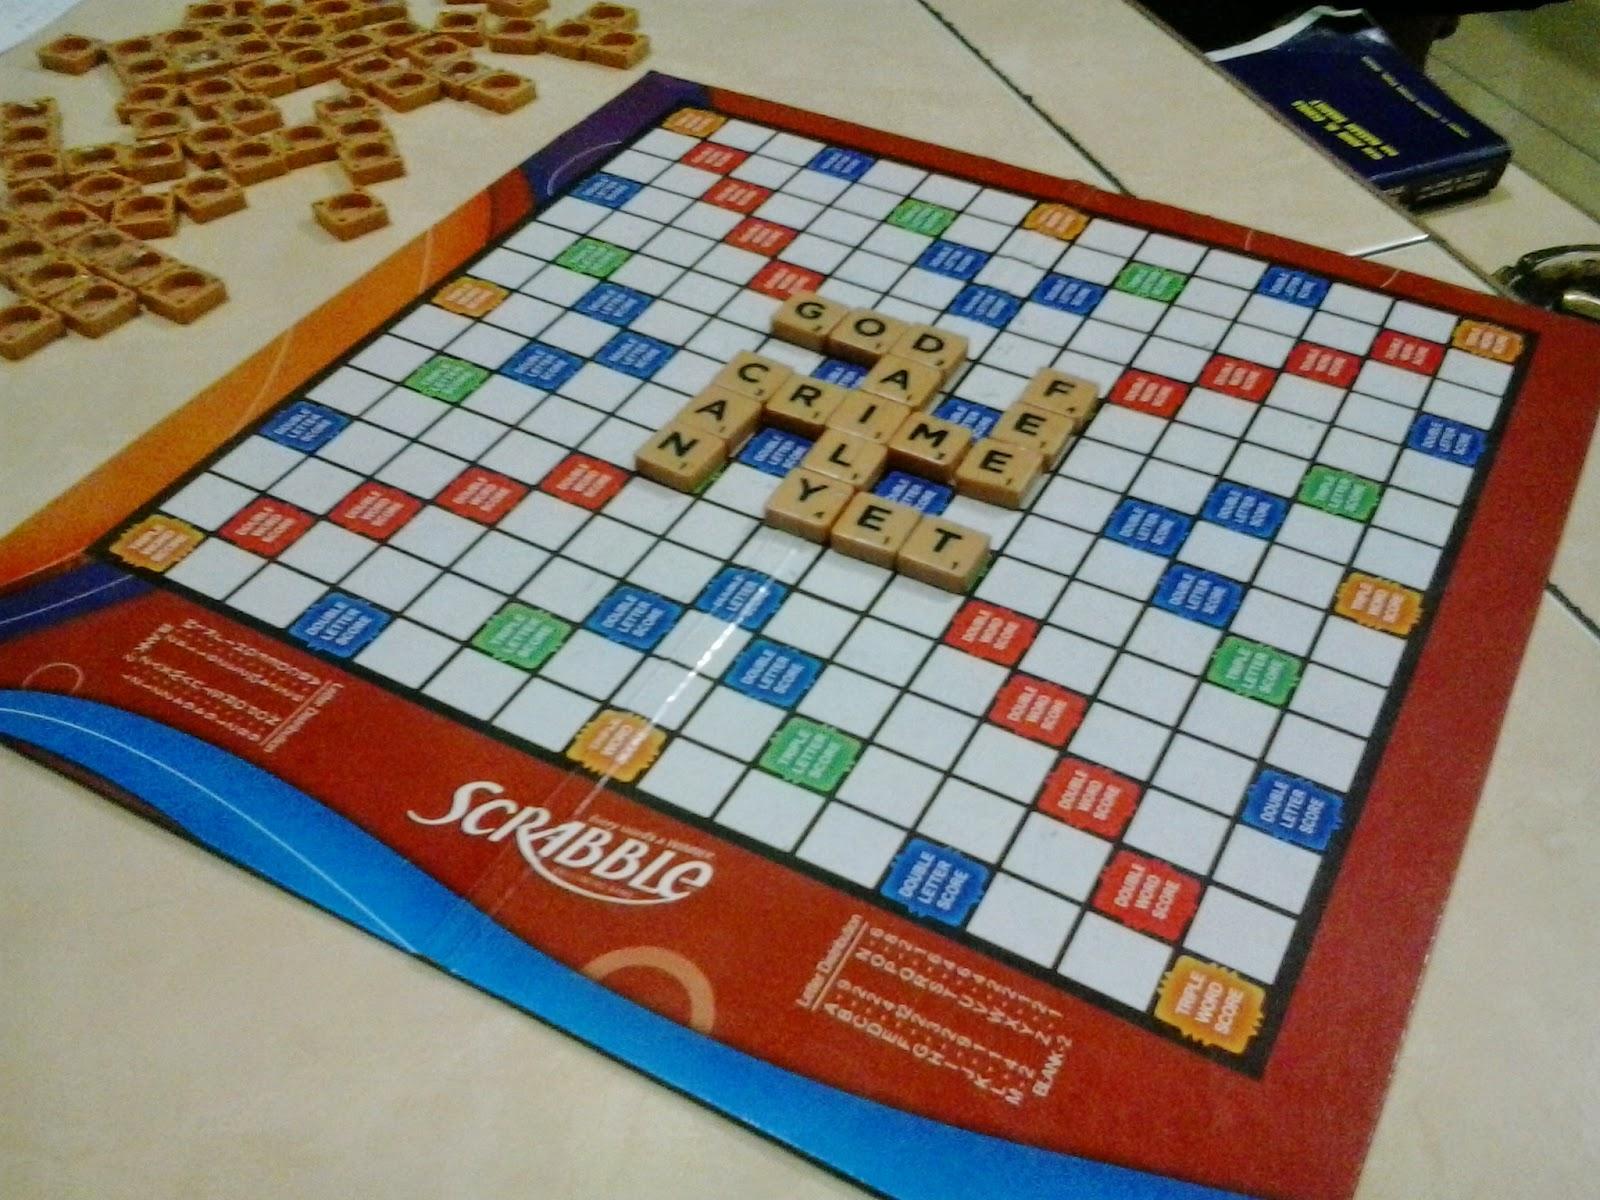 Scrabble bentuk lambang Nazi